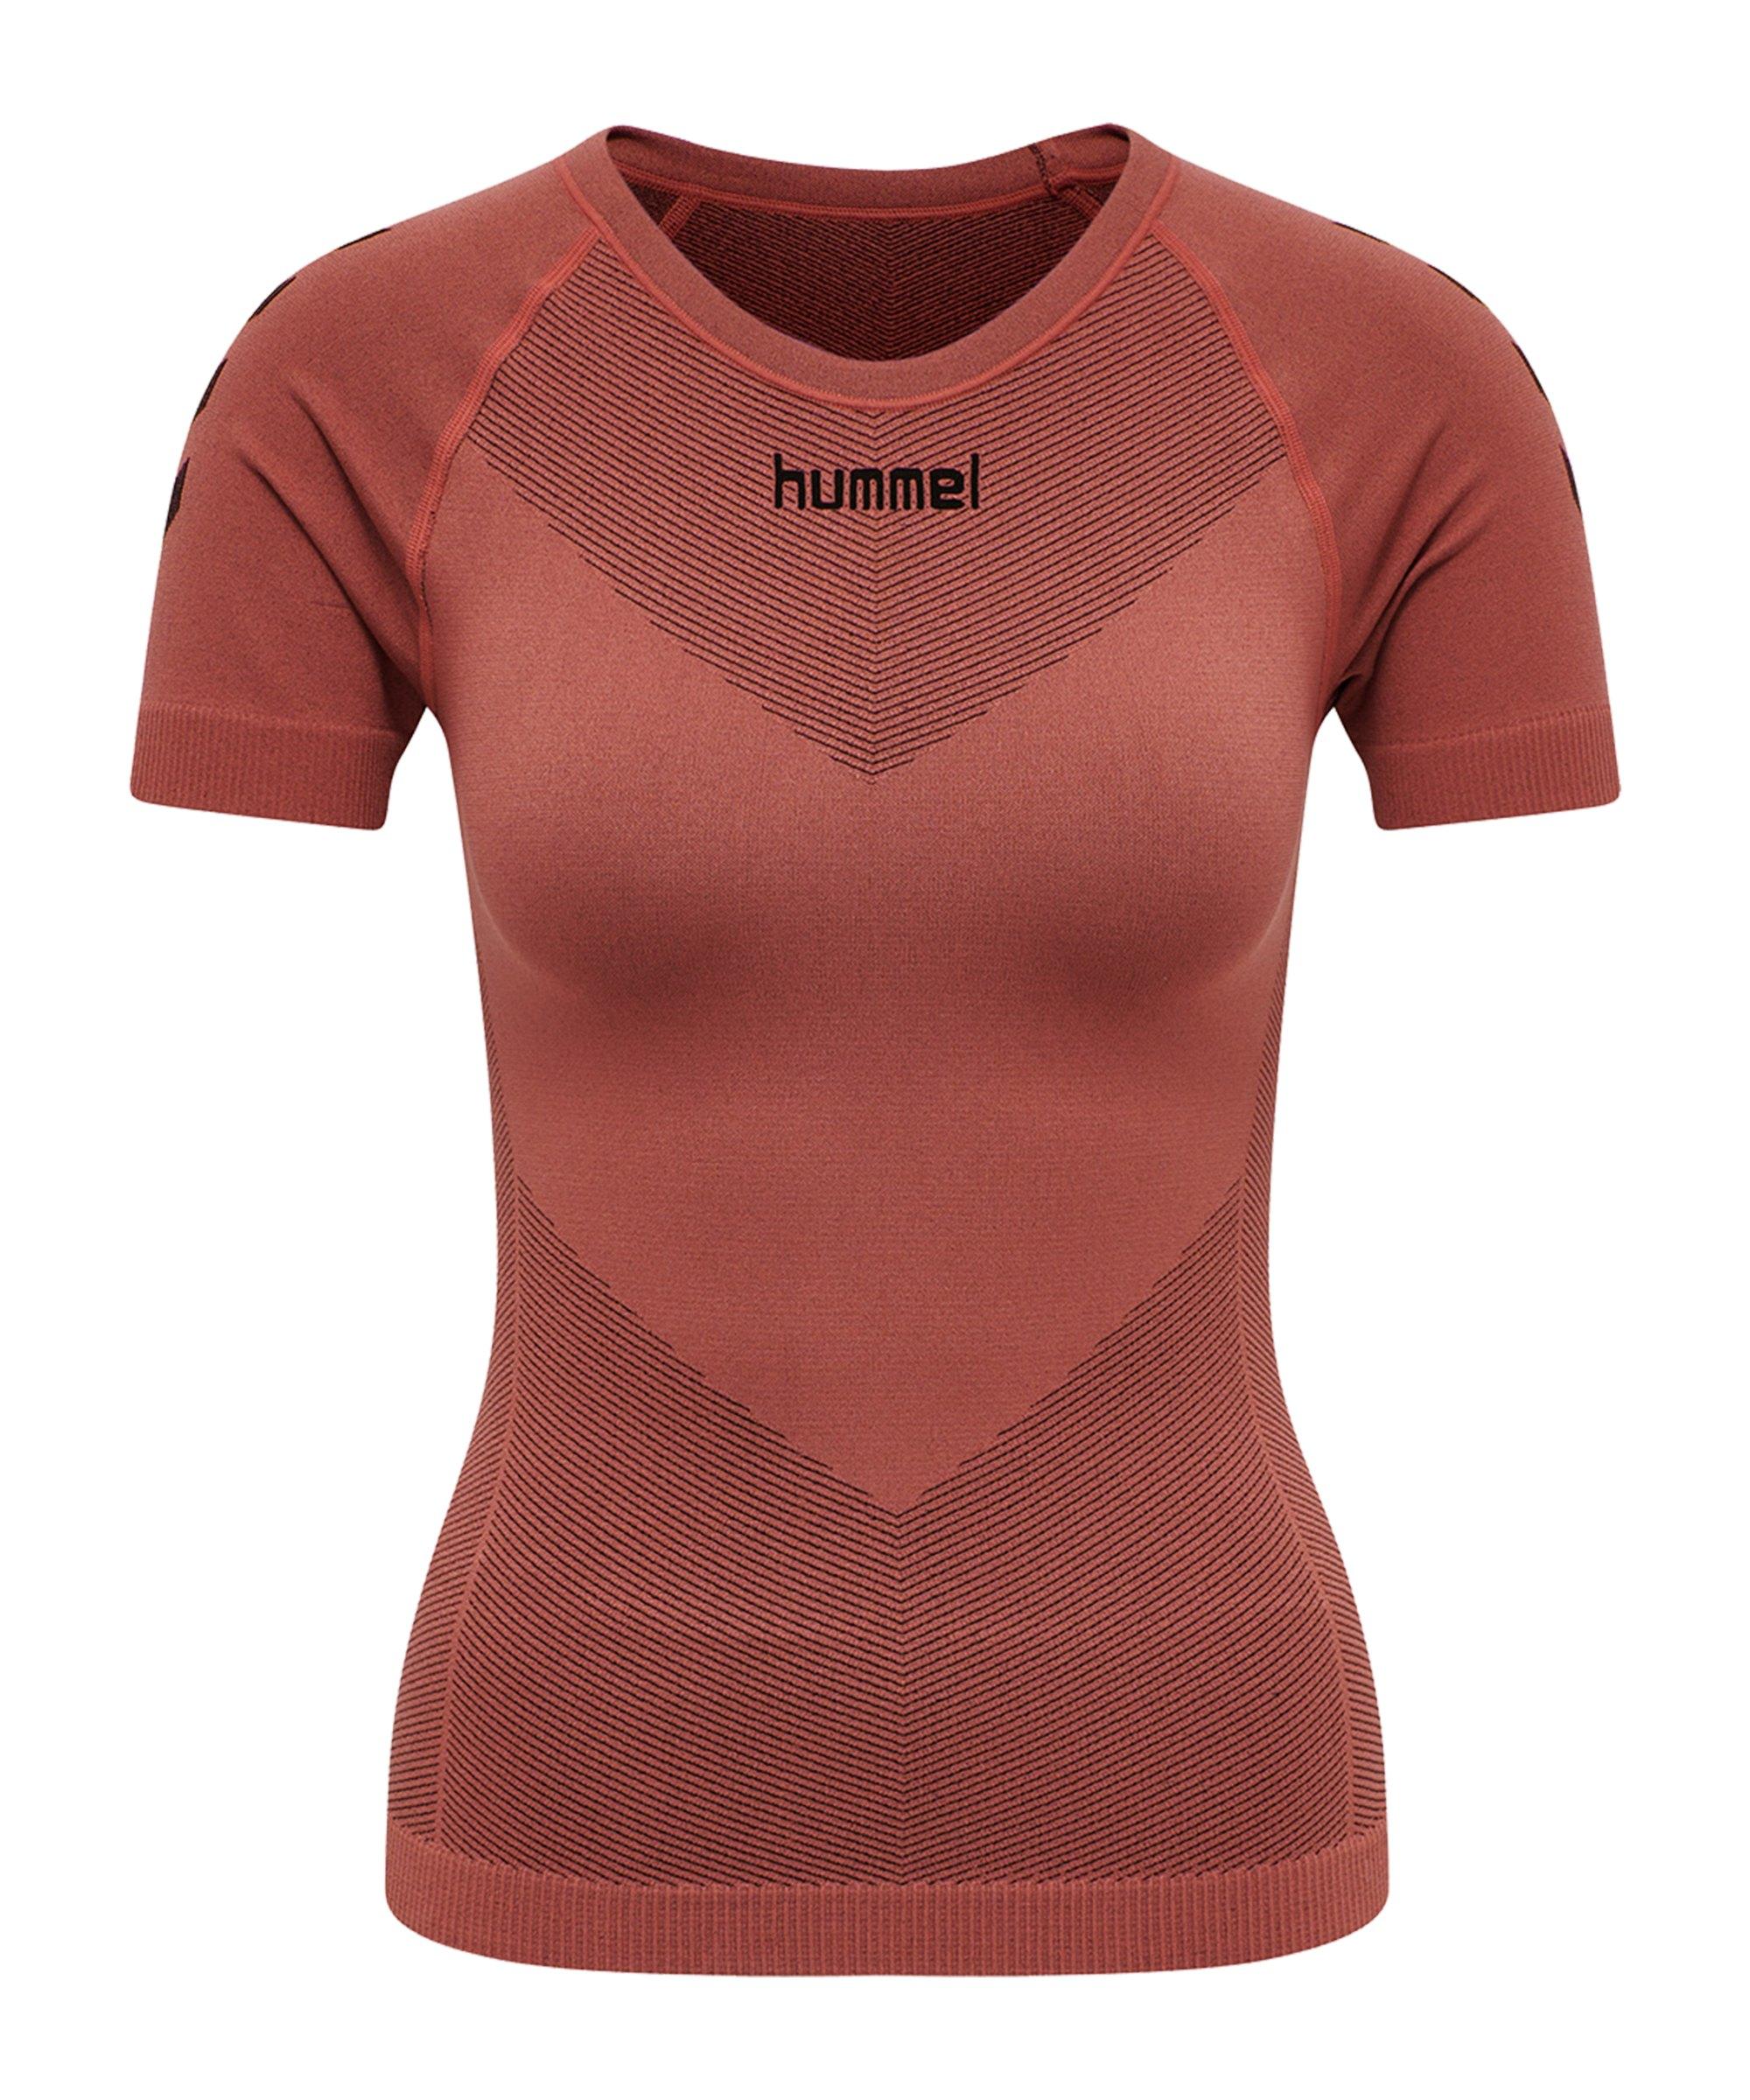 Hummel First Seamless T-Shirt Damen Rot F3250 - rot